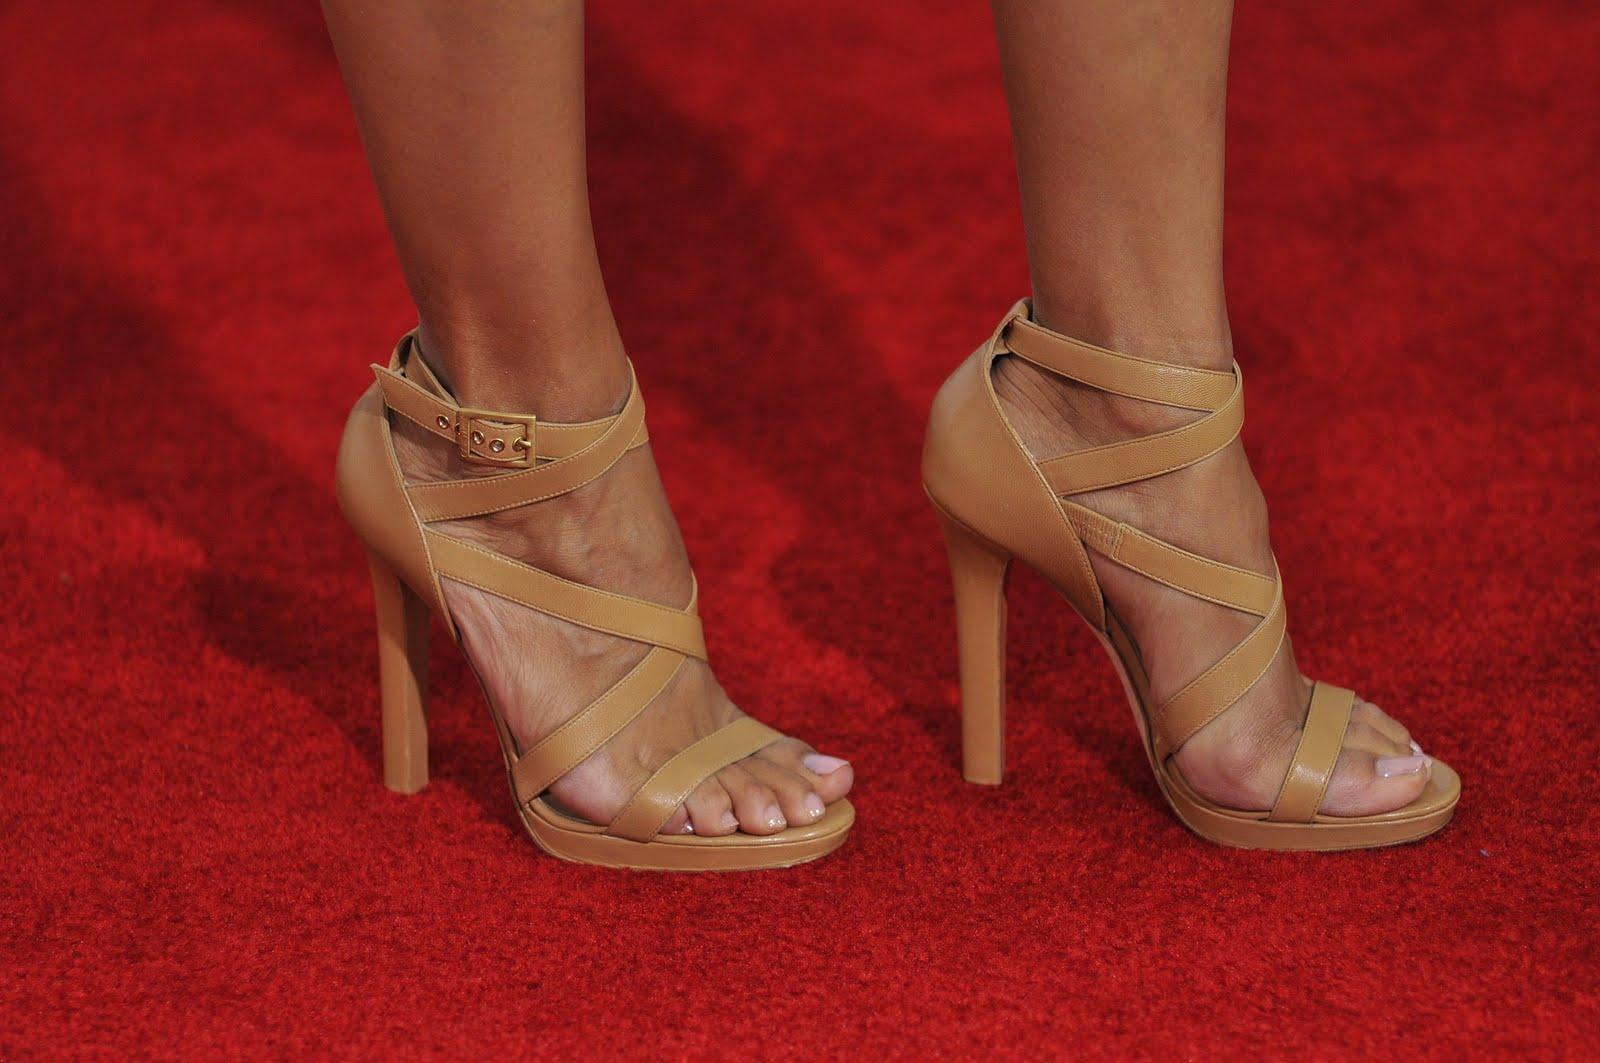 Celebrity Shoe Sizes - YouTube